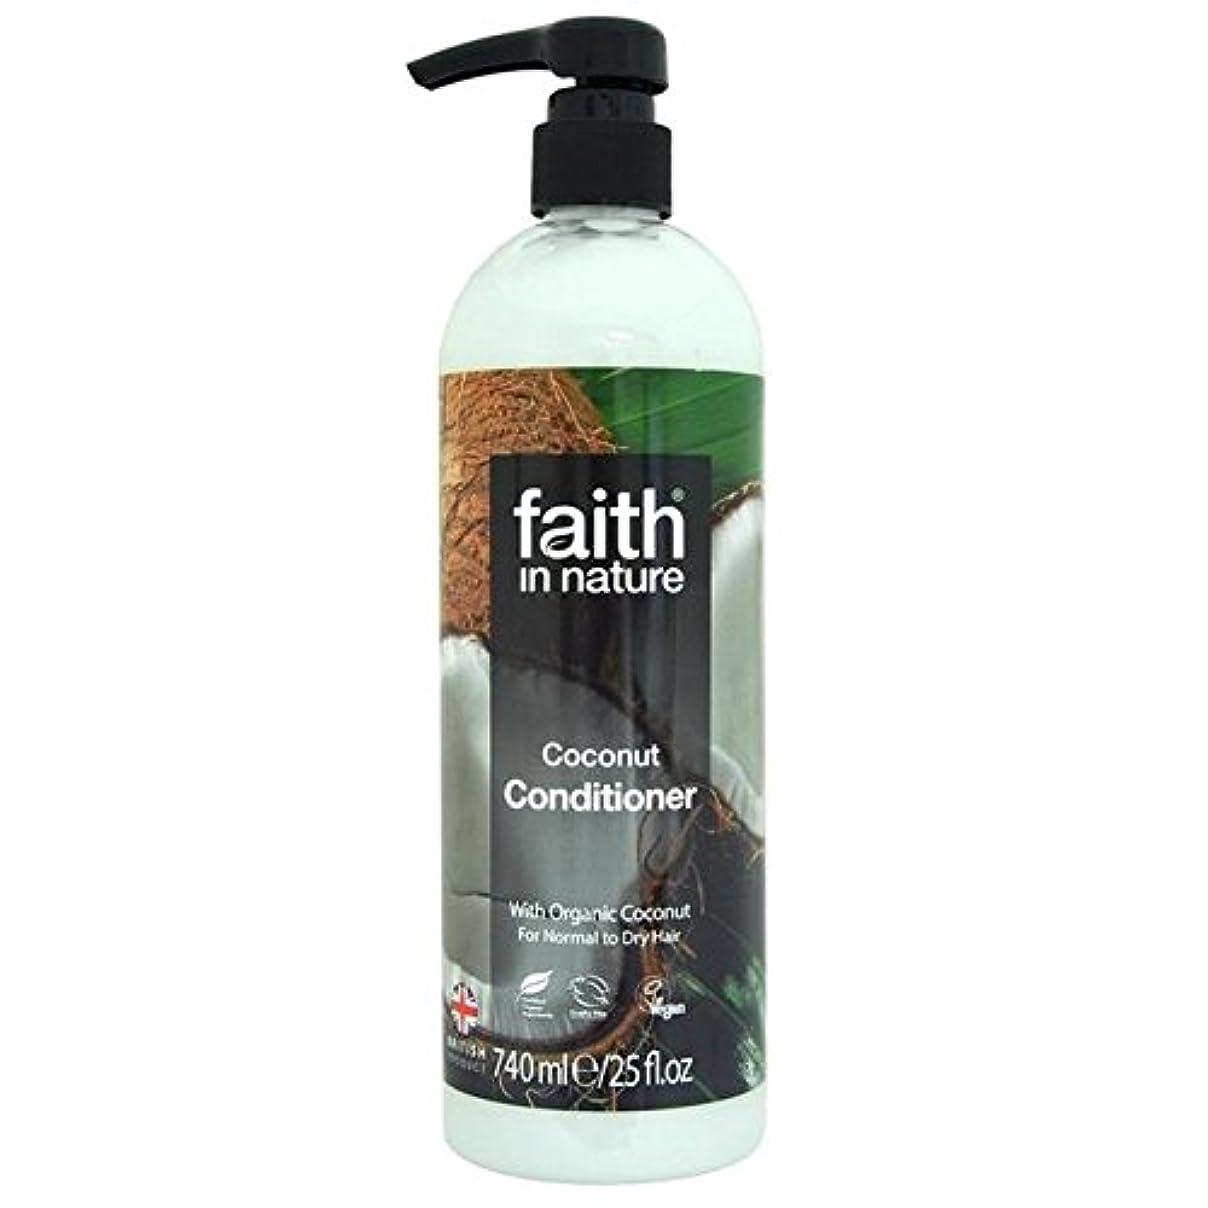 分析する山積みの下向きFaith in Nature Coconut Conditioner 740ml - (Faith In Nature) 自然ココナッツコンディショナー740ミリリットルの信仰 [並行輸入品]